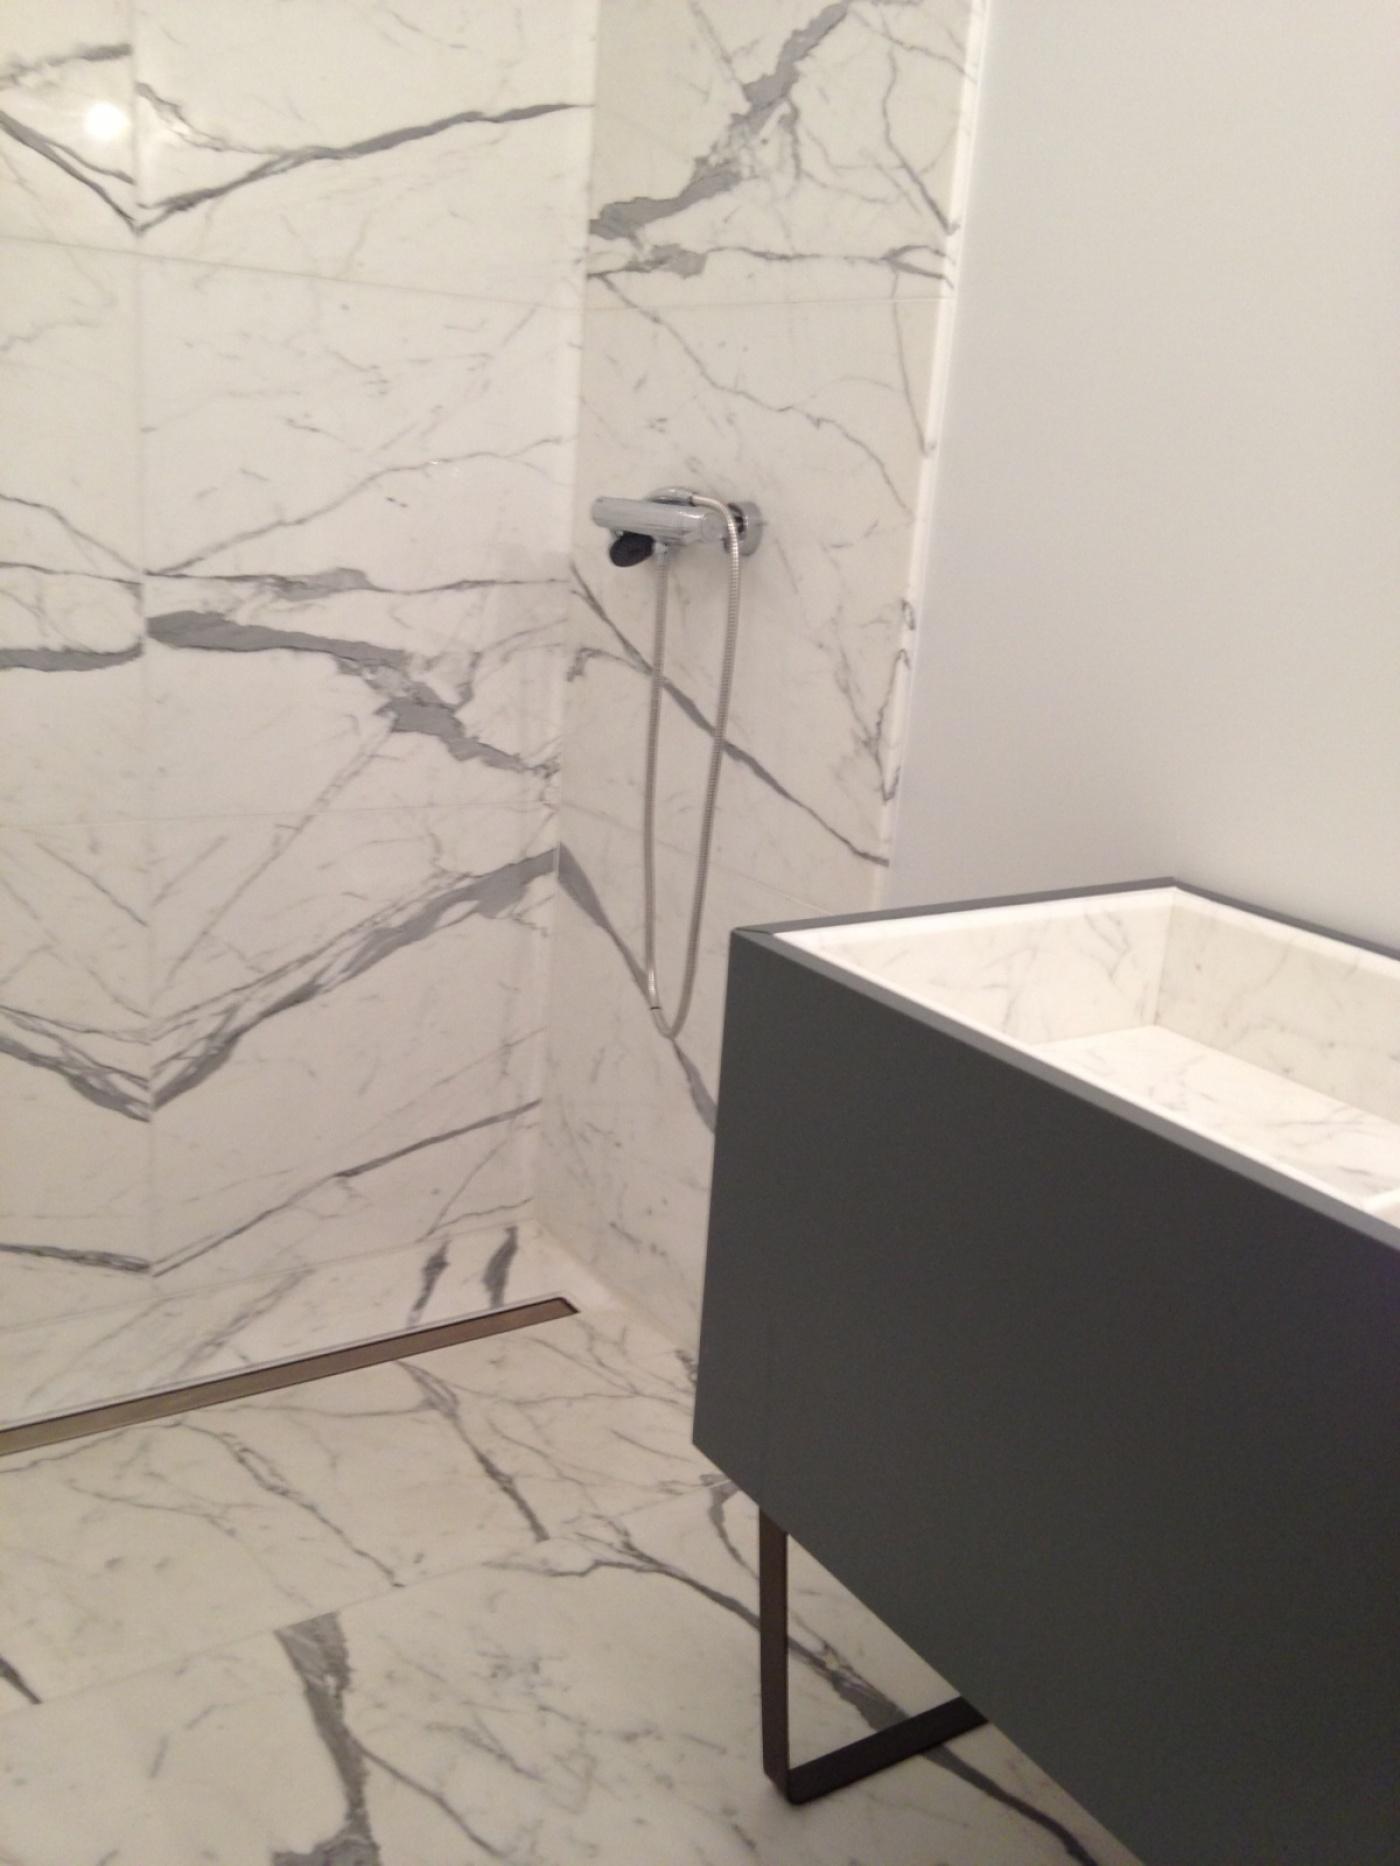 Salle de bains avec murs, bac à douche, et vasque Bianco Statuario Extra sur meuble Altamarea Must (design Willy Dalto). Chantier à Montgenevre